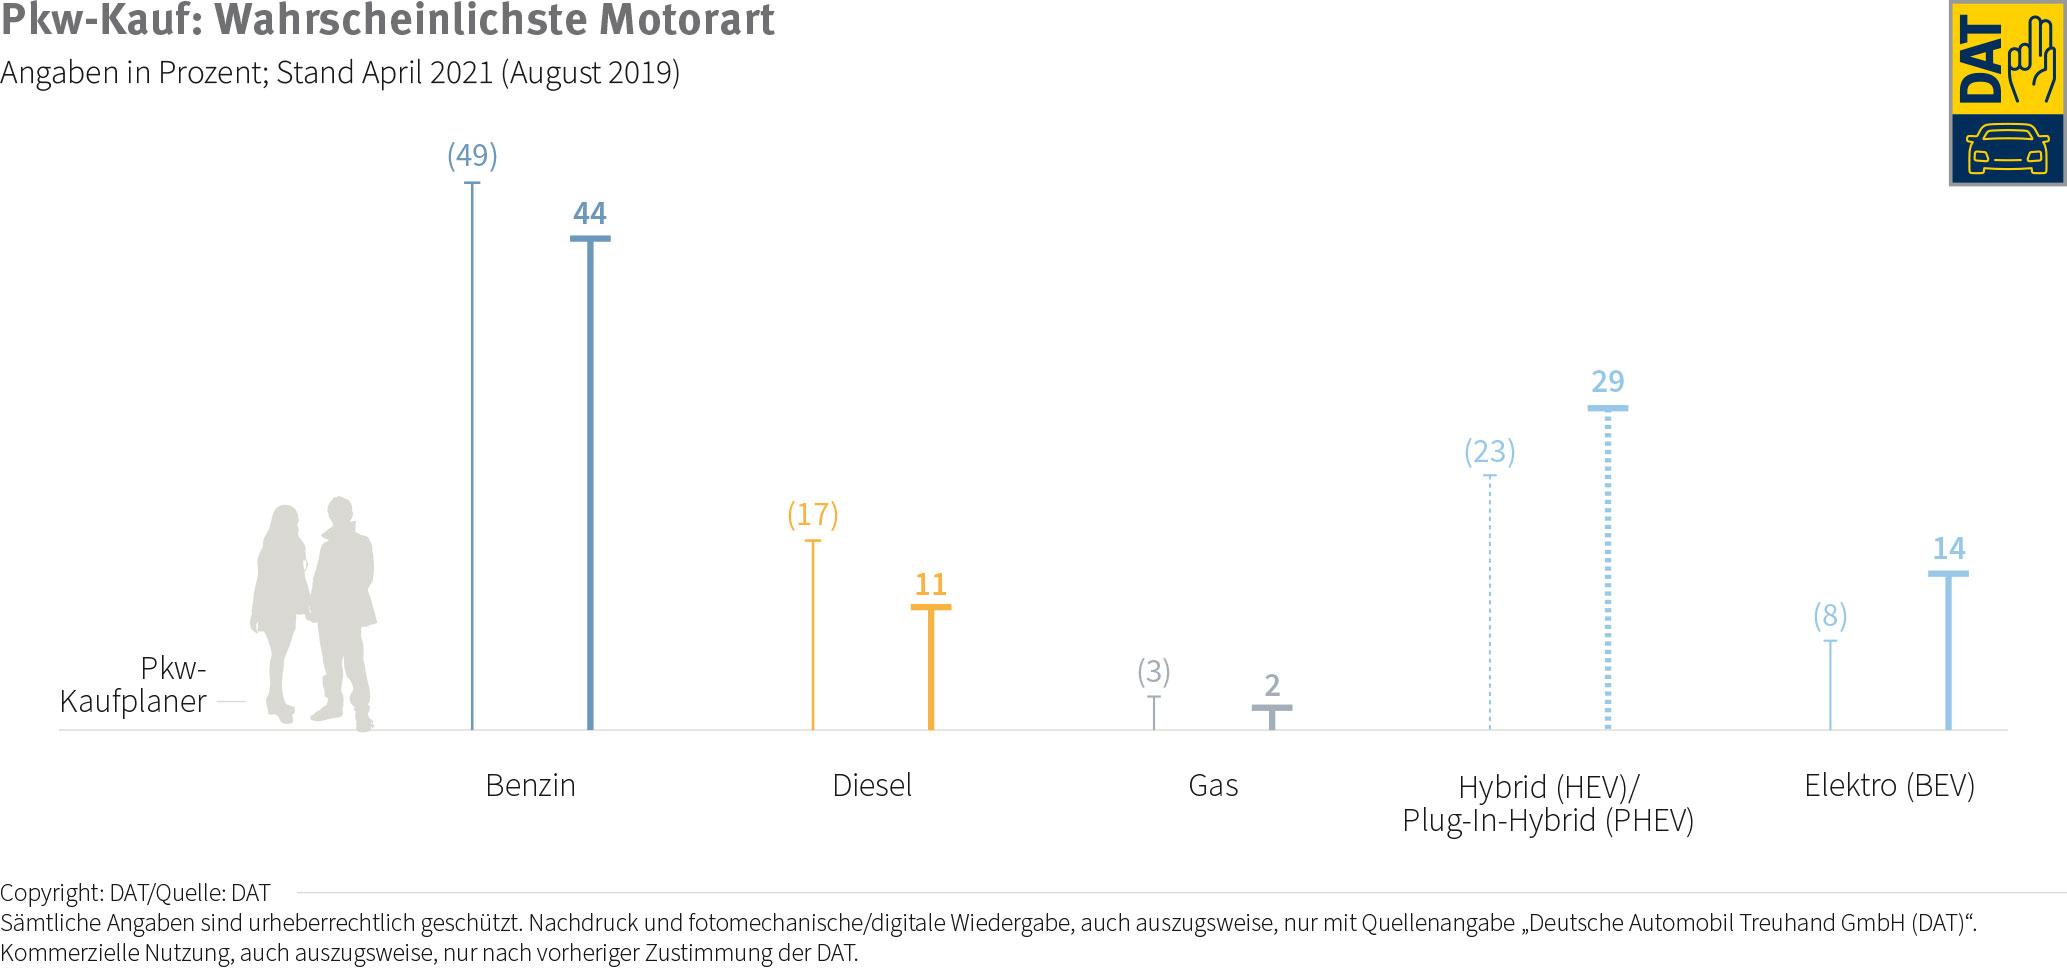 DAT-Barometer-E-Autos-April-2021-2